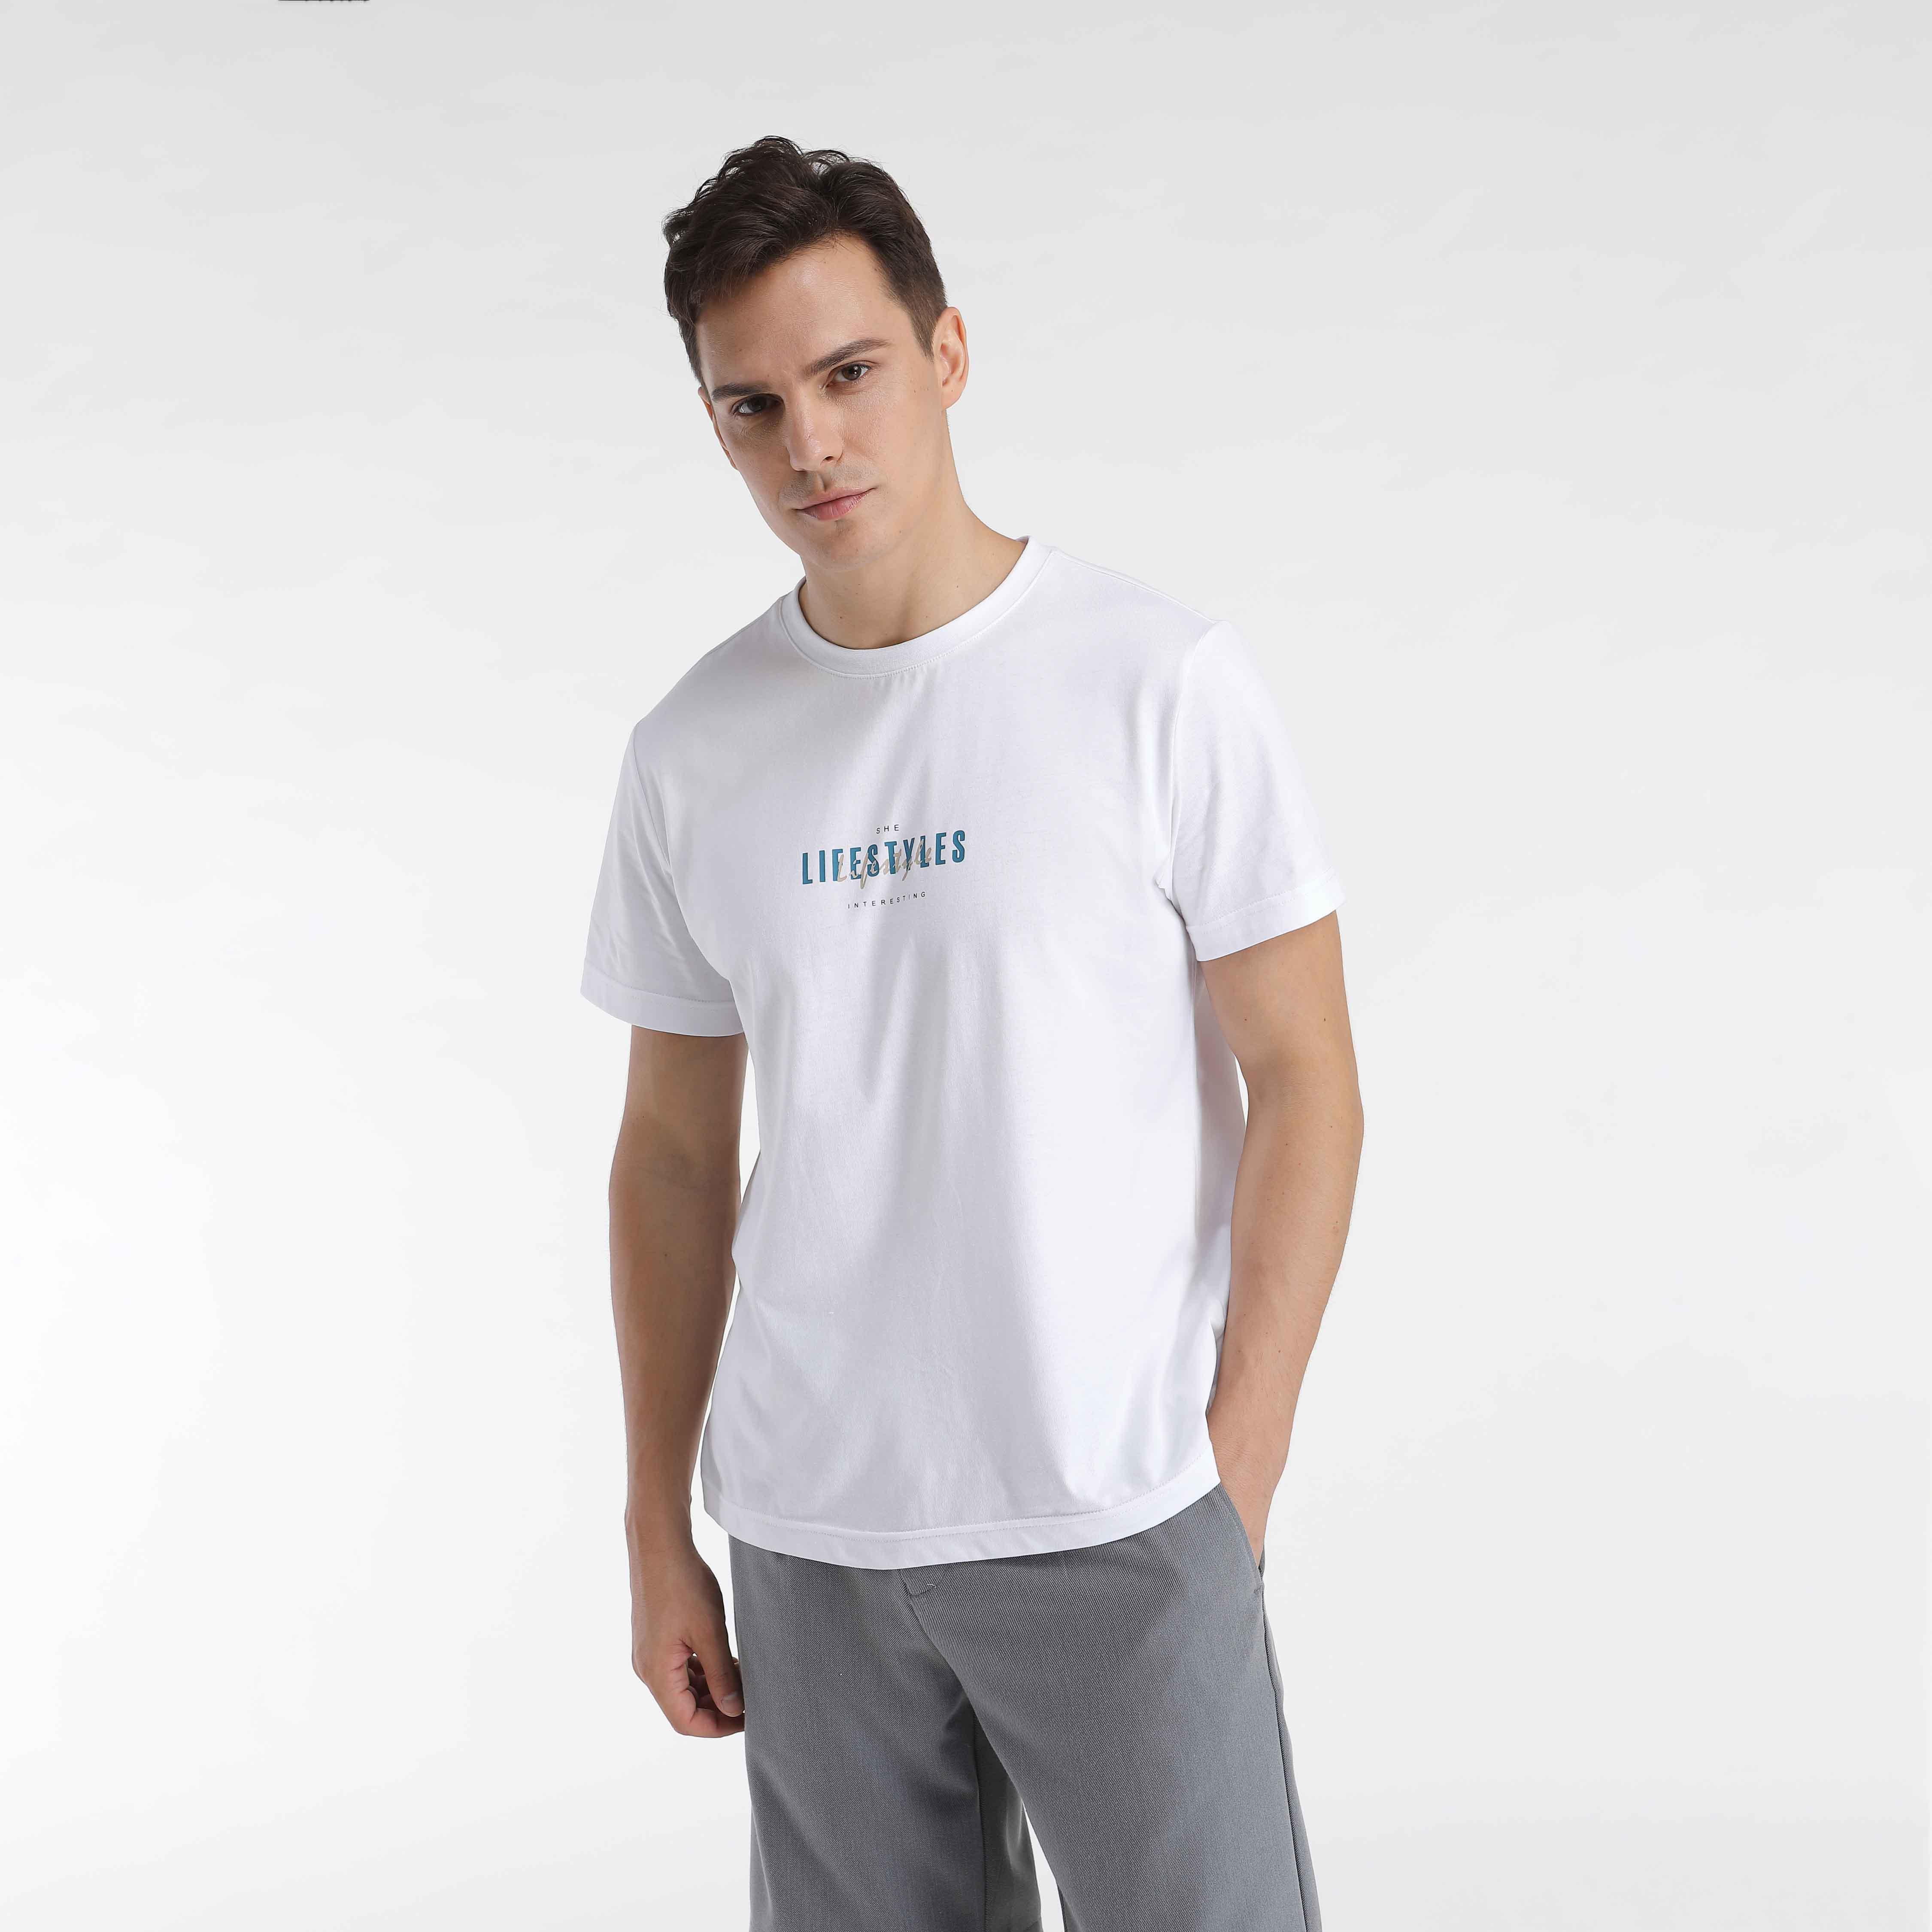 港时力2020年夏季 ins潮 个性印花 纯棉圆领宽松男女同款短袖T恤